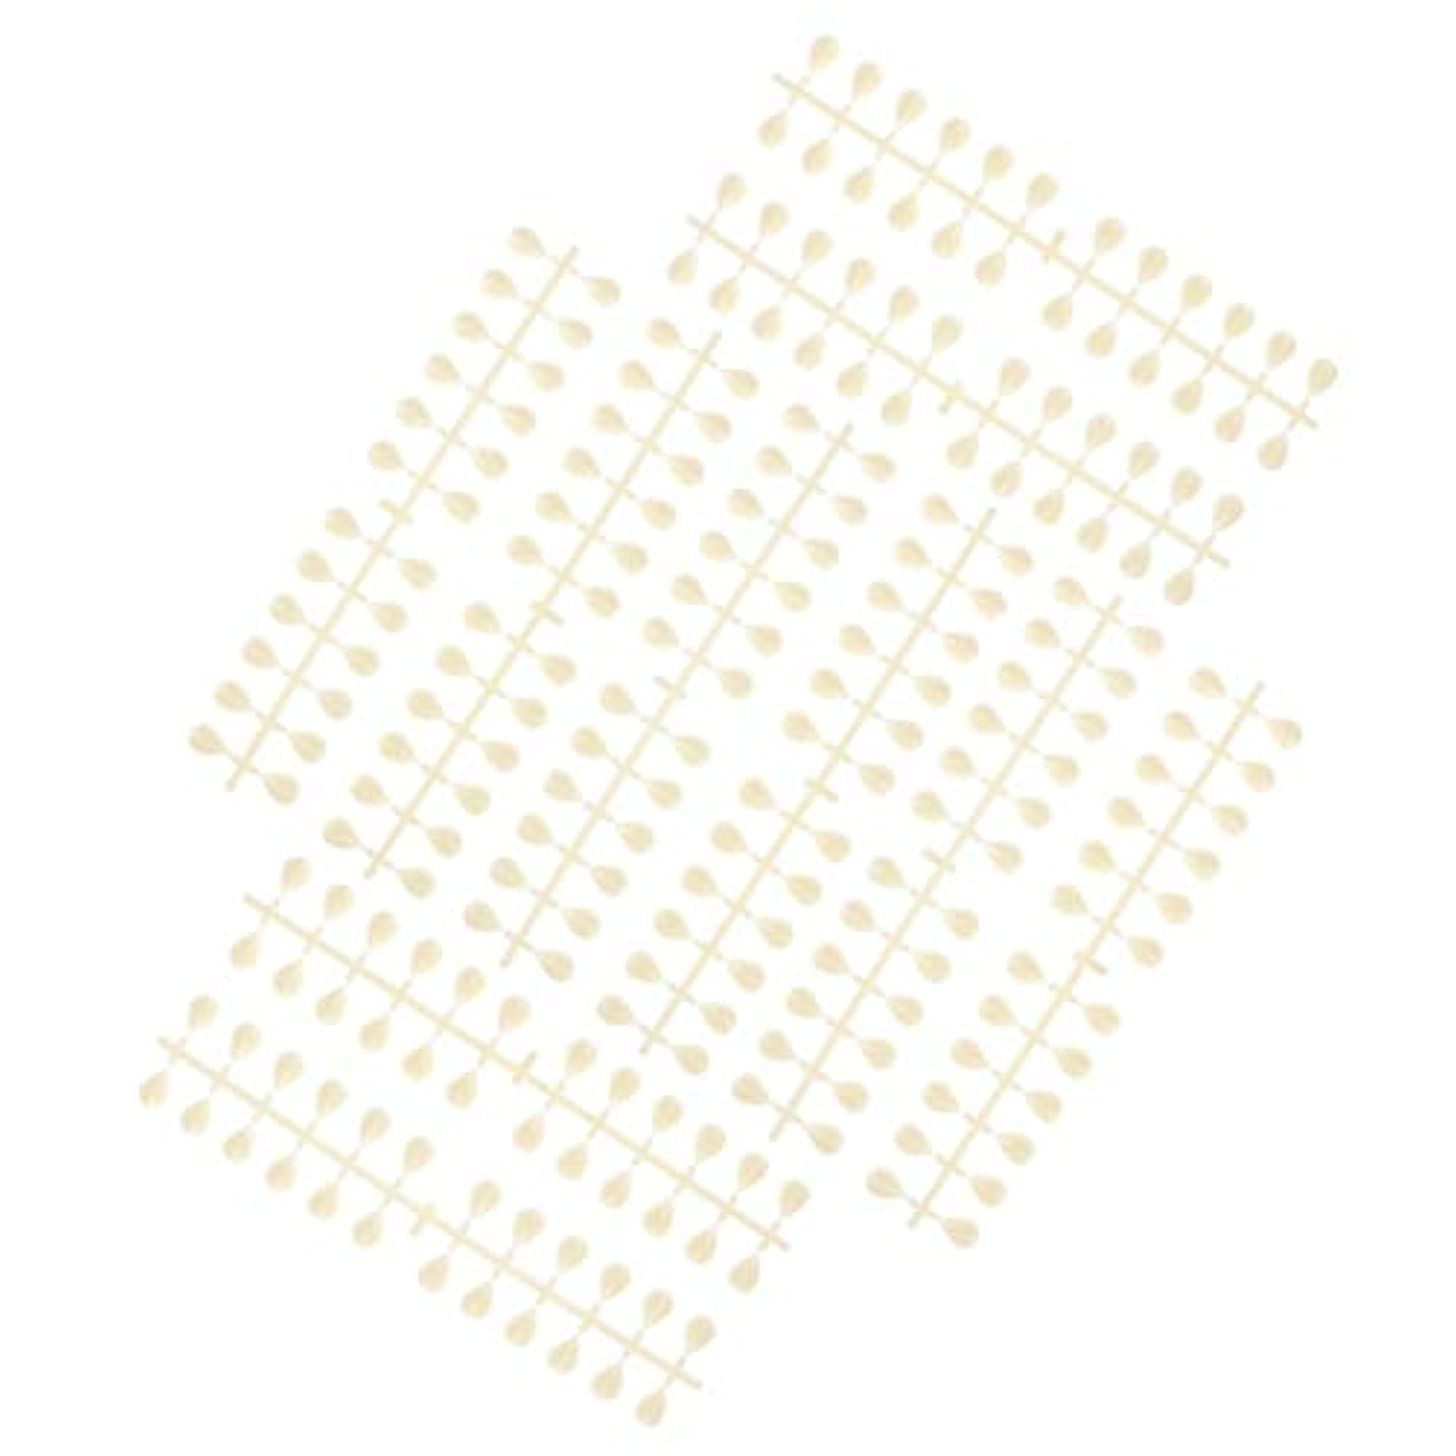 打たれたトラックテラスヒロインDYNWAVE ネイルのヒントスティック再利用可能なマニキュアサロンネイルアートディスプレイカラーカード - 水滴